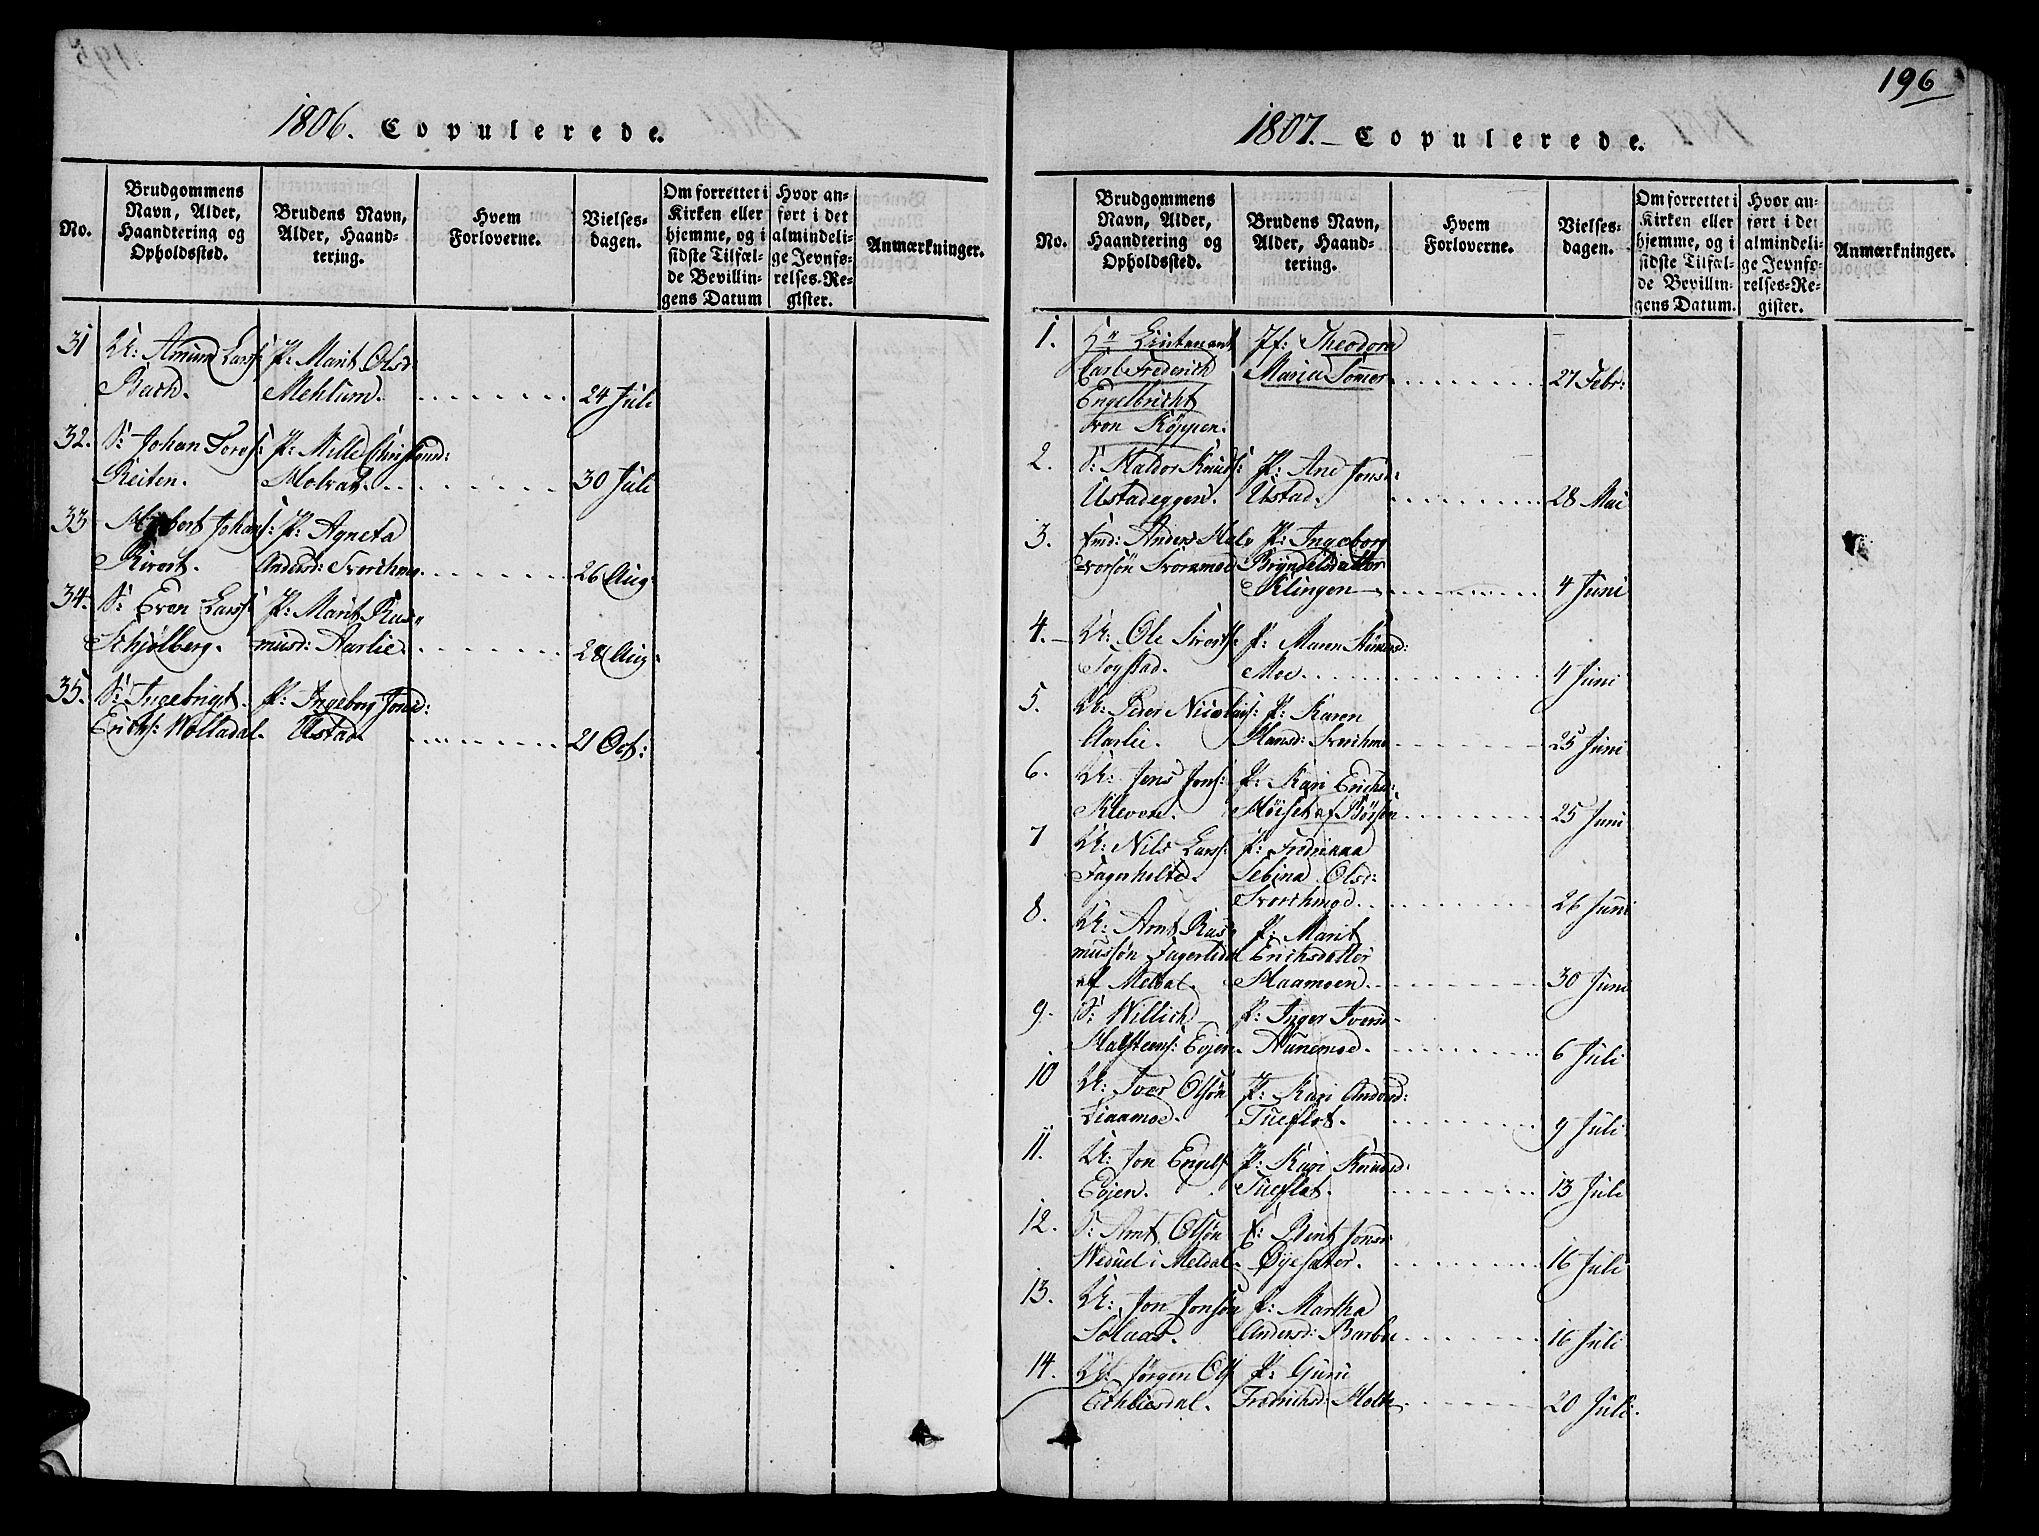 SAT, Ministerialprotokoller, klokkerbøker og fødselsregistre - Sør-Trøndelag, 668/L0803: Ministerialbok nr. 668A03, 1800-1826, s. 196